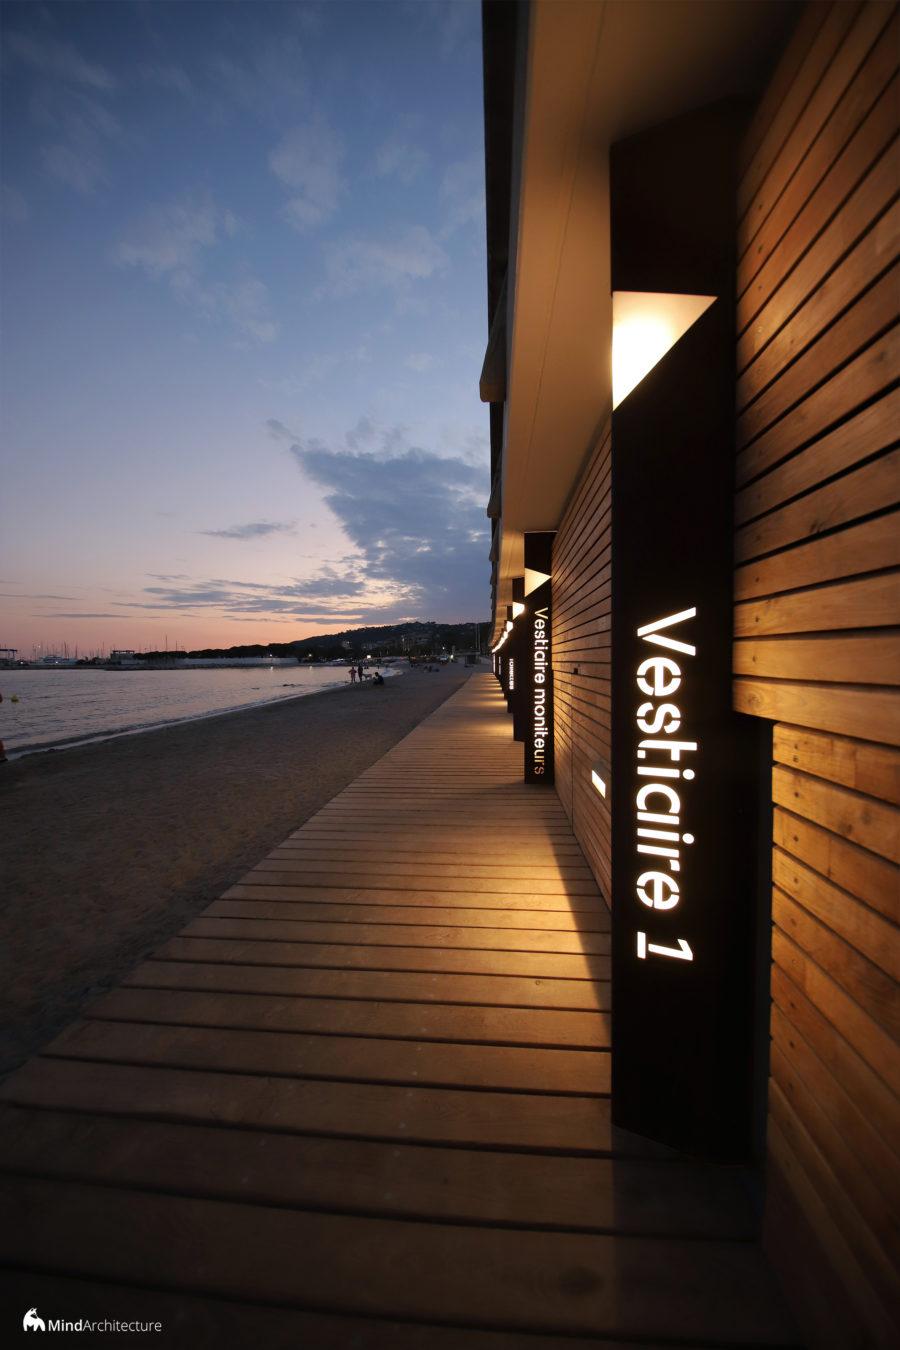 Base nautique Golfe-Juan - Mind Architecture - Photo signalétique vestiaire nuit